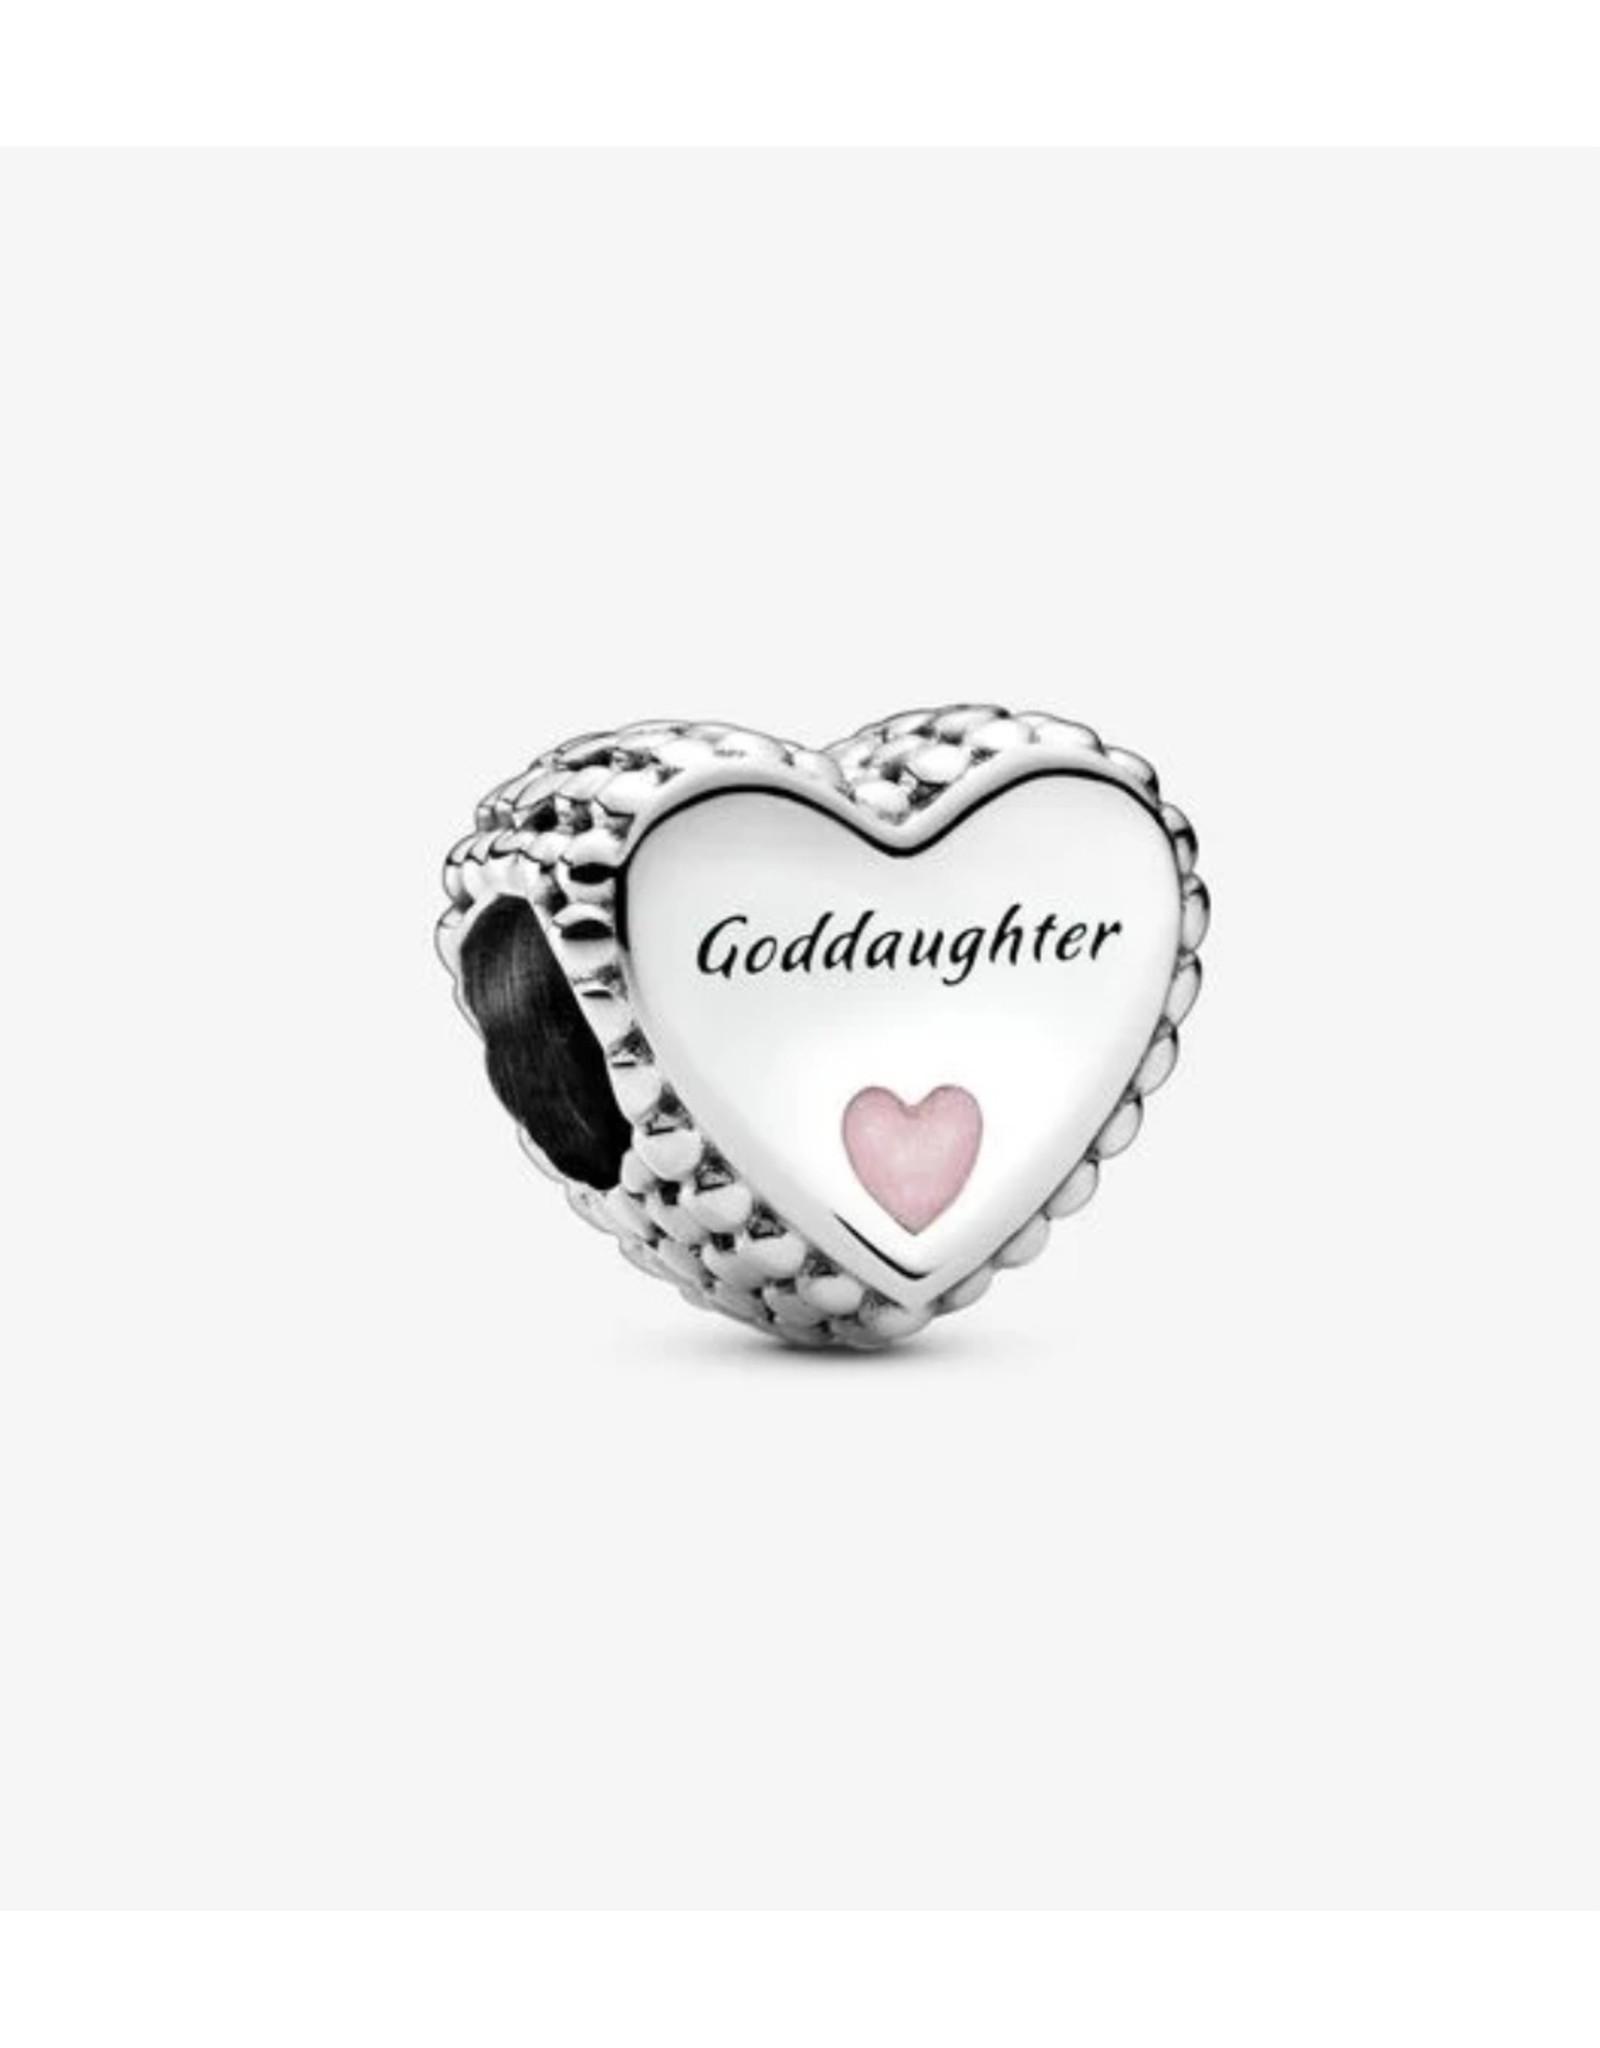 Pandora Pandora Charm,799147C01, Goddaughter Heart, Pink Enamel